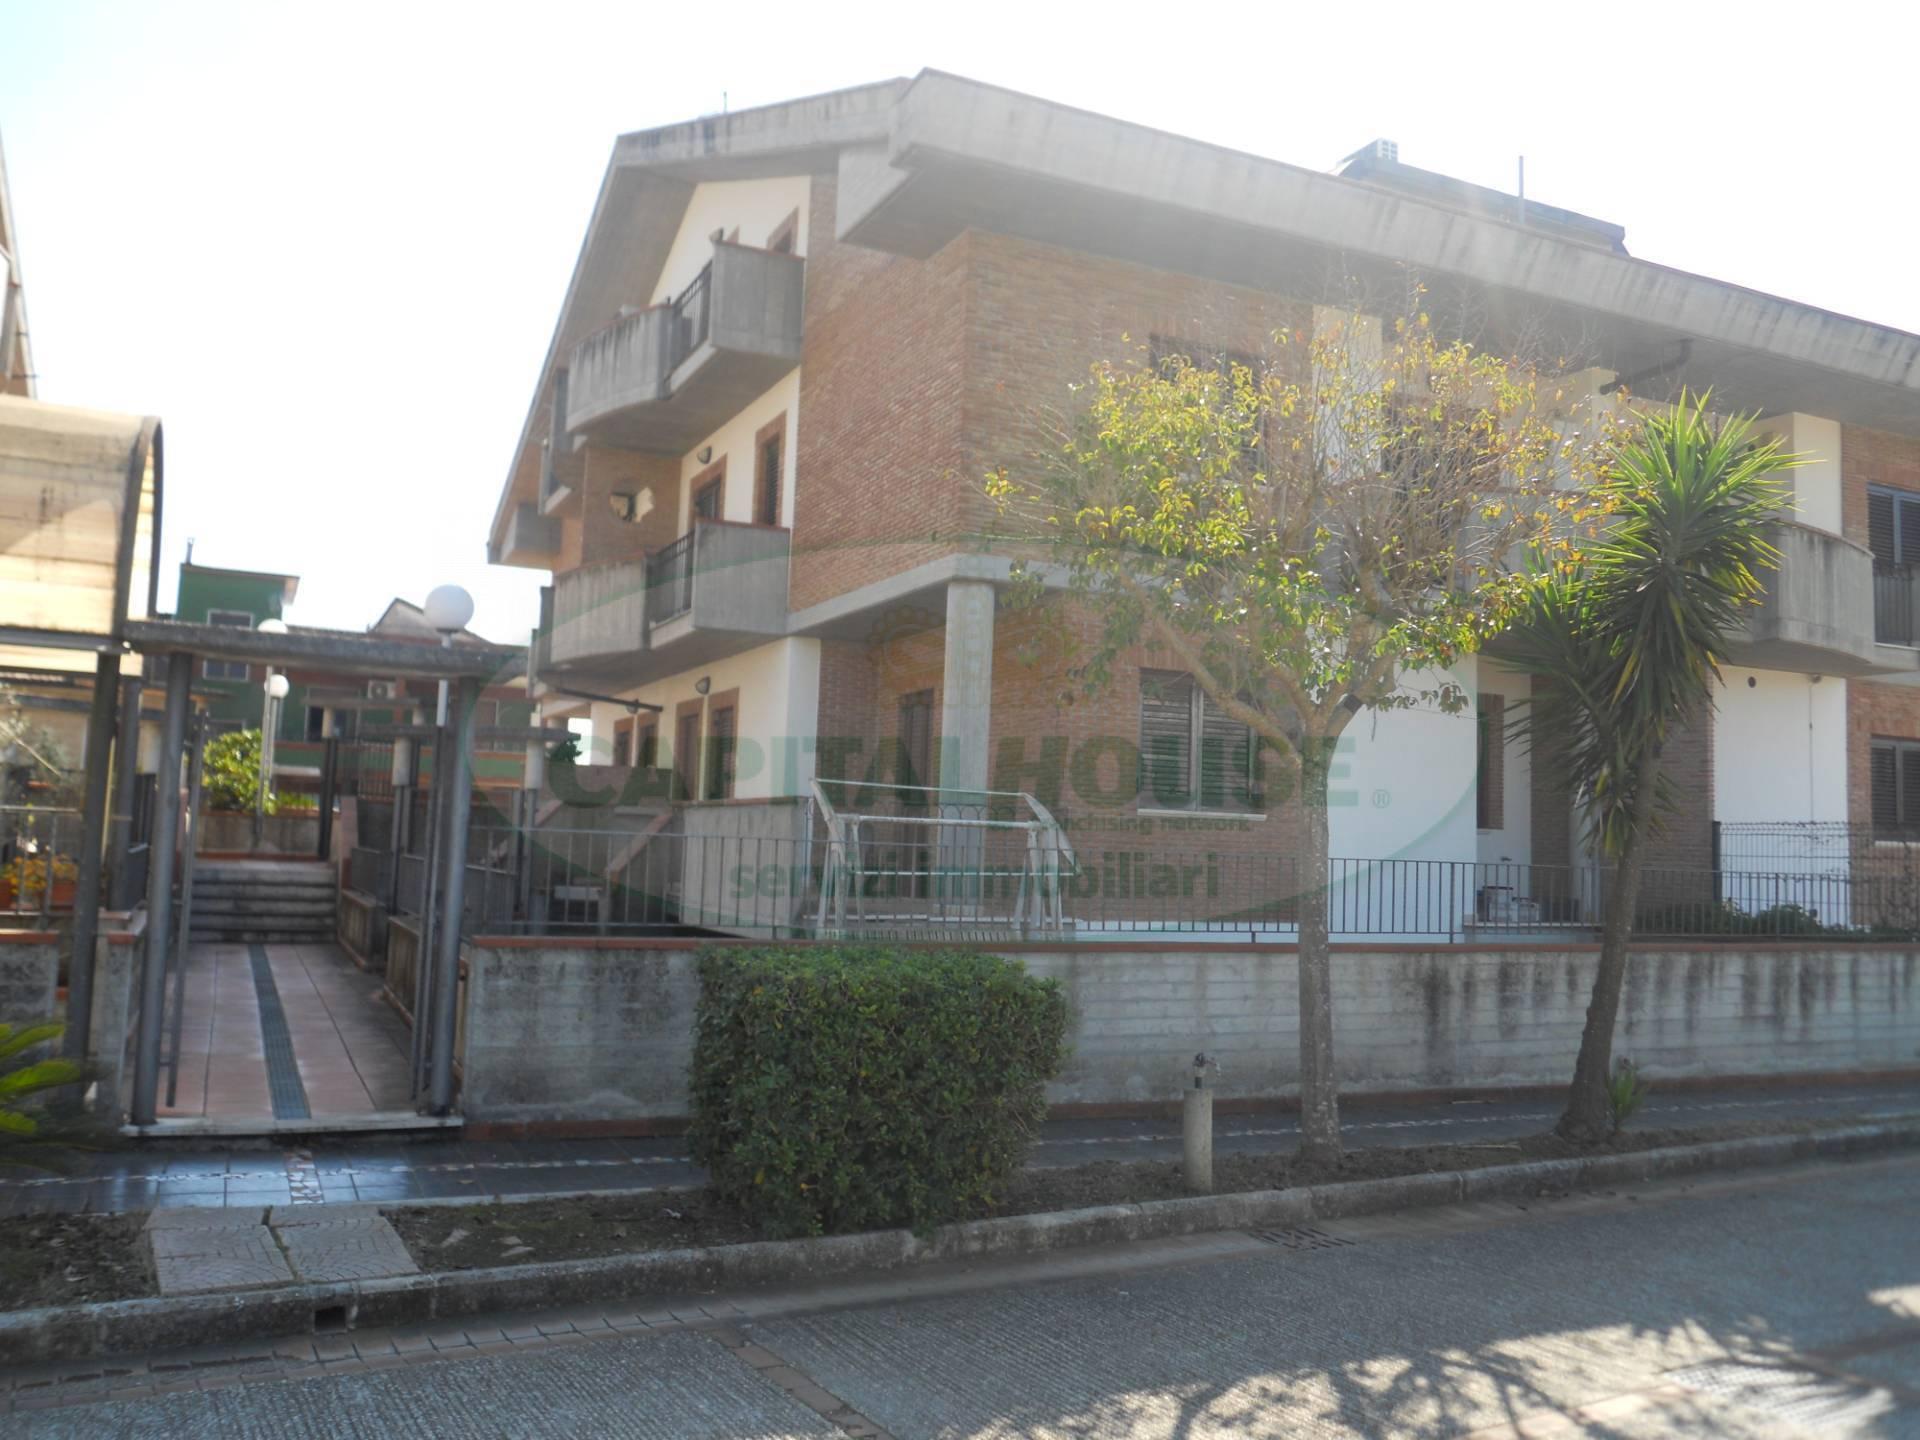 Villetta a schiera in vendita a Pignataro Maggiore (CE)